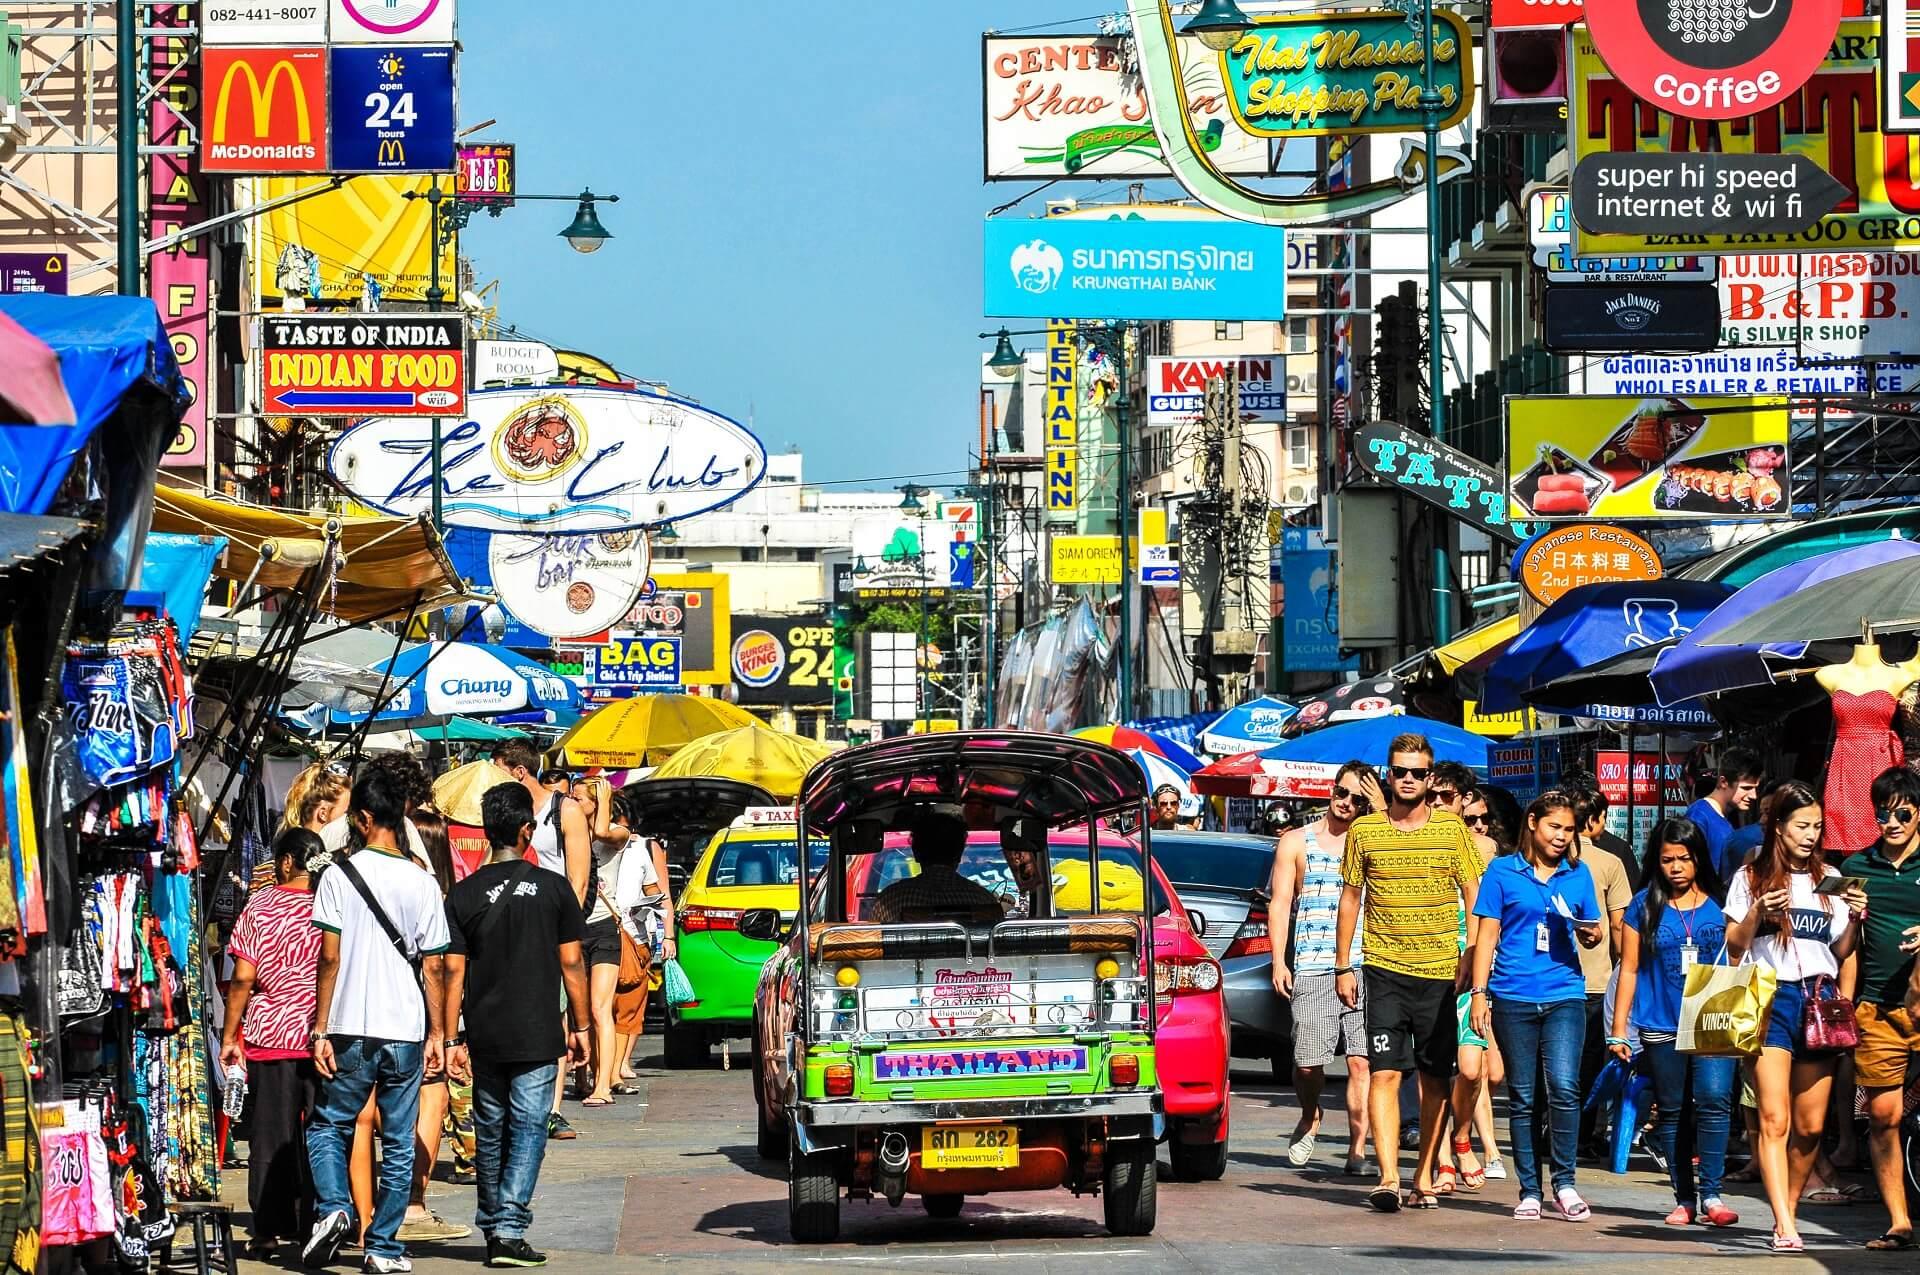 Die Khaosan Road ist besonders bei jungen Menschen und Backpackern beliebt